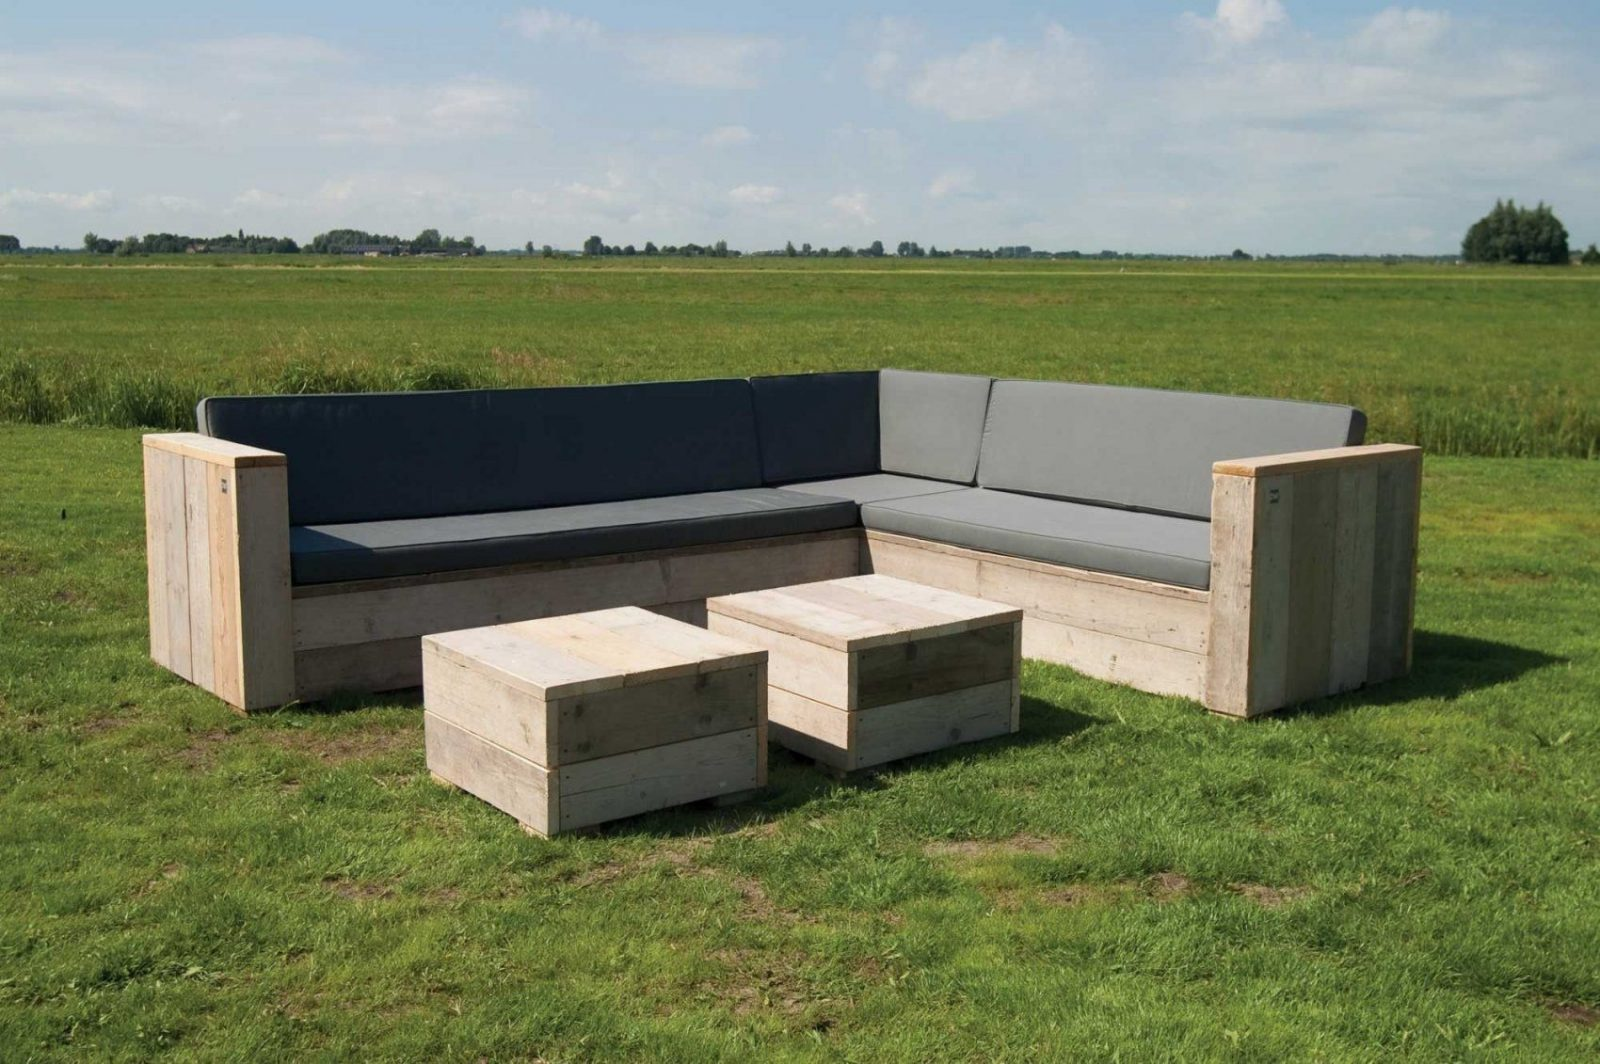 Gartenset Eckbank Aus Unbehandeltem Gerüstholz Mit Tisch Lounge von Bauholz Möbel Selber Bauen Bild